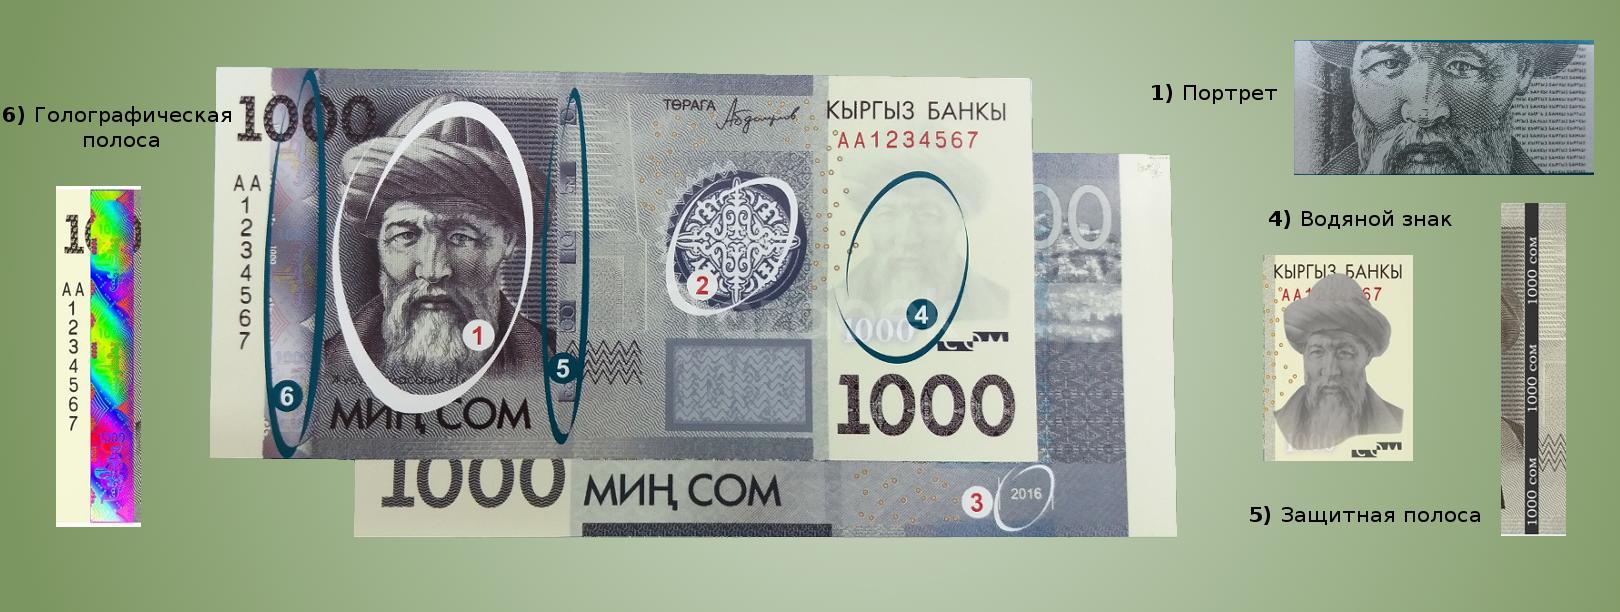 1000 сомов сборка